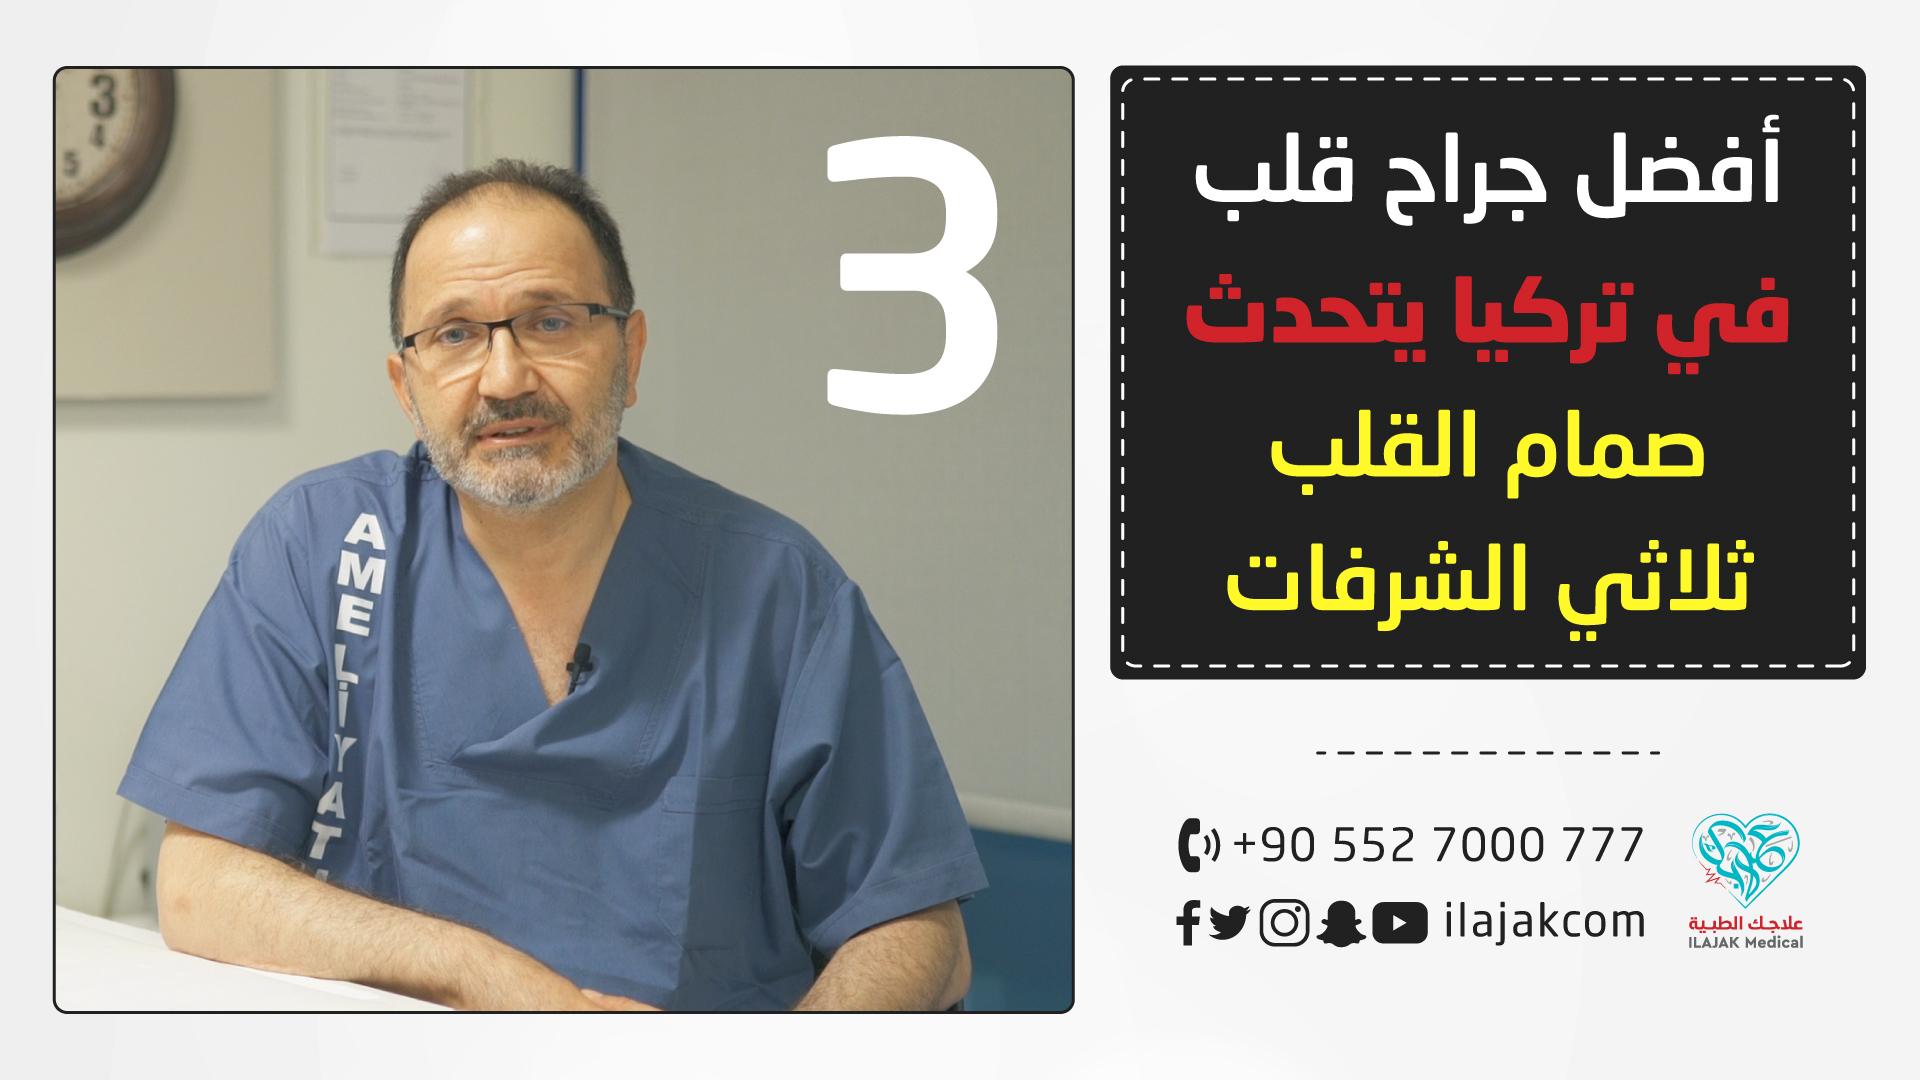 شاهد أفضل جراح قلب في تركيا يتحدث || صمام القلب ثلاثي الشرفات 03